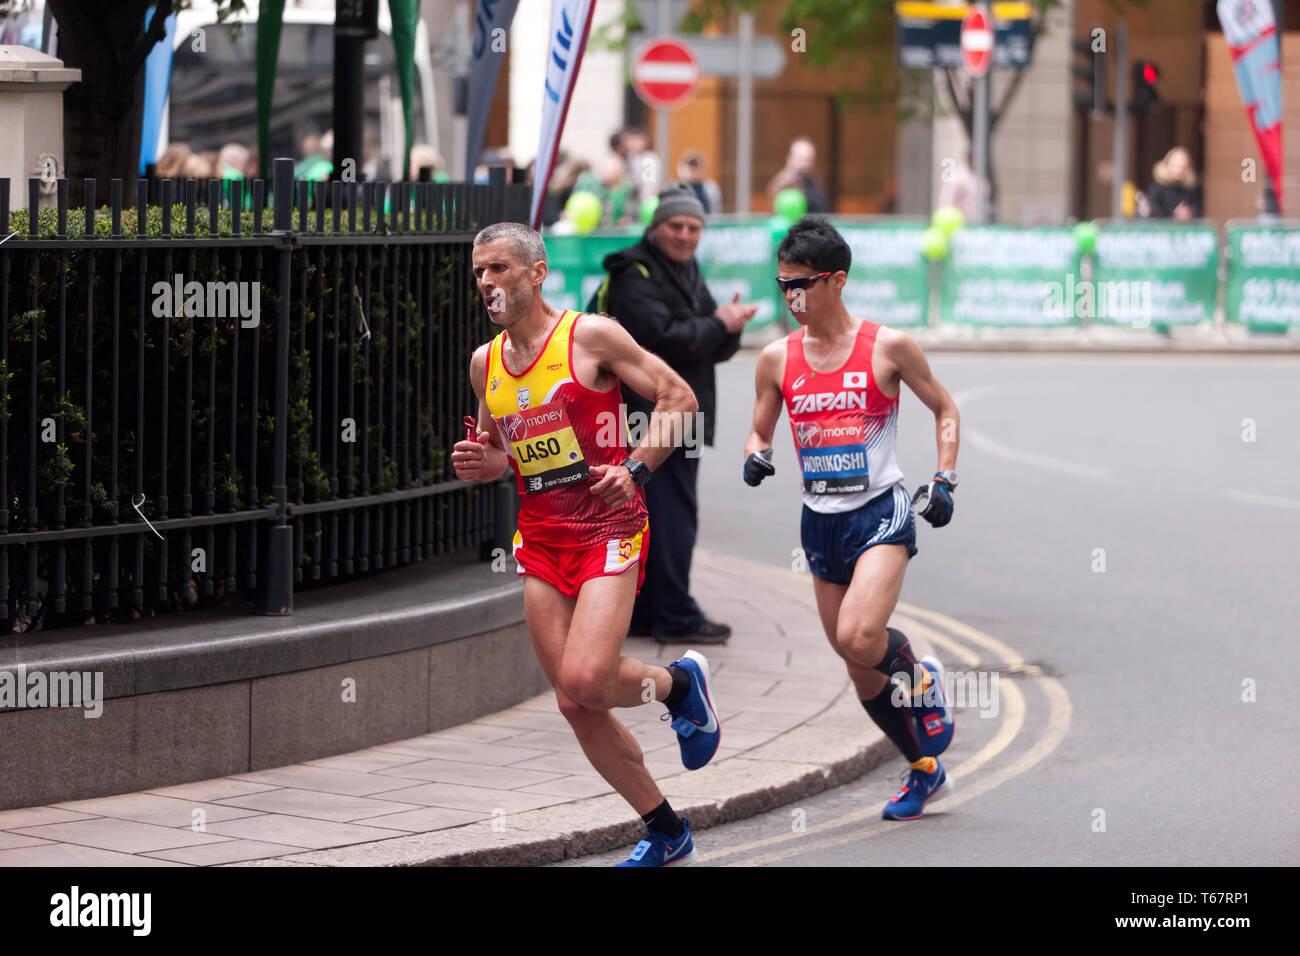 Alberto Suarez Laso (ESP), e Tadashi Horikoshi (JPN), competere nel 2019 la maratona di Londra. Essi sono andati a finire il terzo e il quarto in tempi di 02:25:50 e 02:25:56 rispettivamente (seconda e terza in T11/12 categoria). Foto Stock